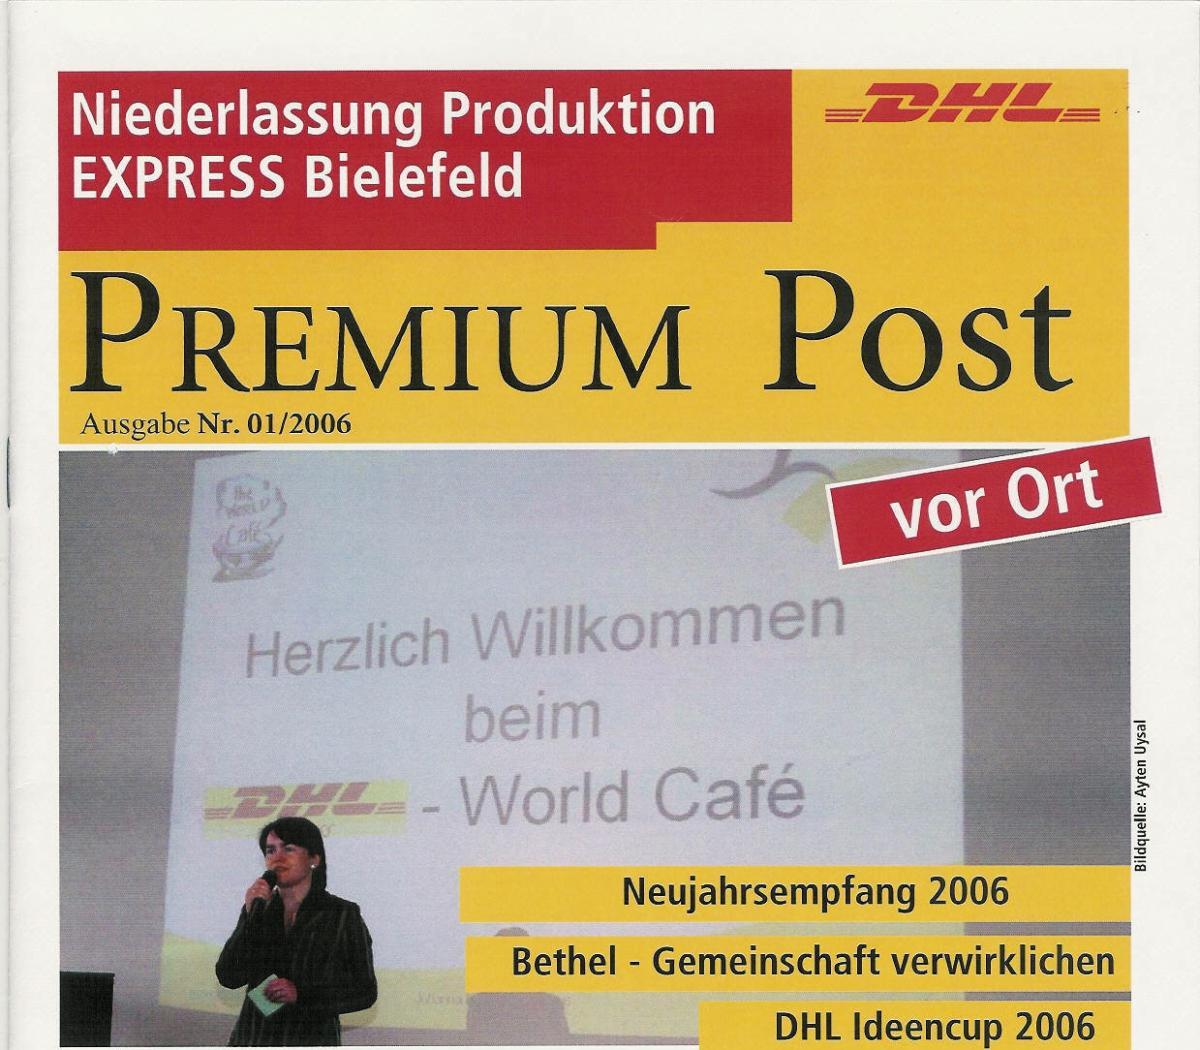 Erstes World Café bei der NL Express Bielefeld 2006